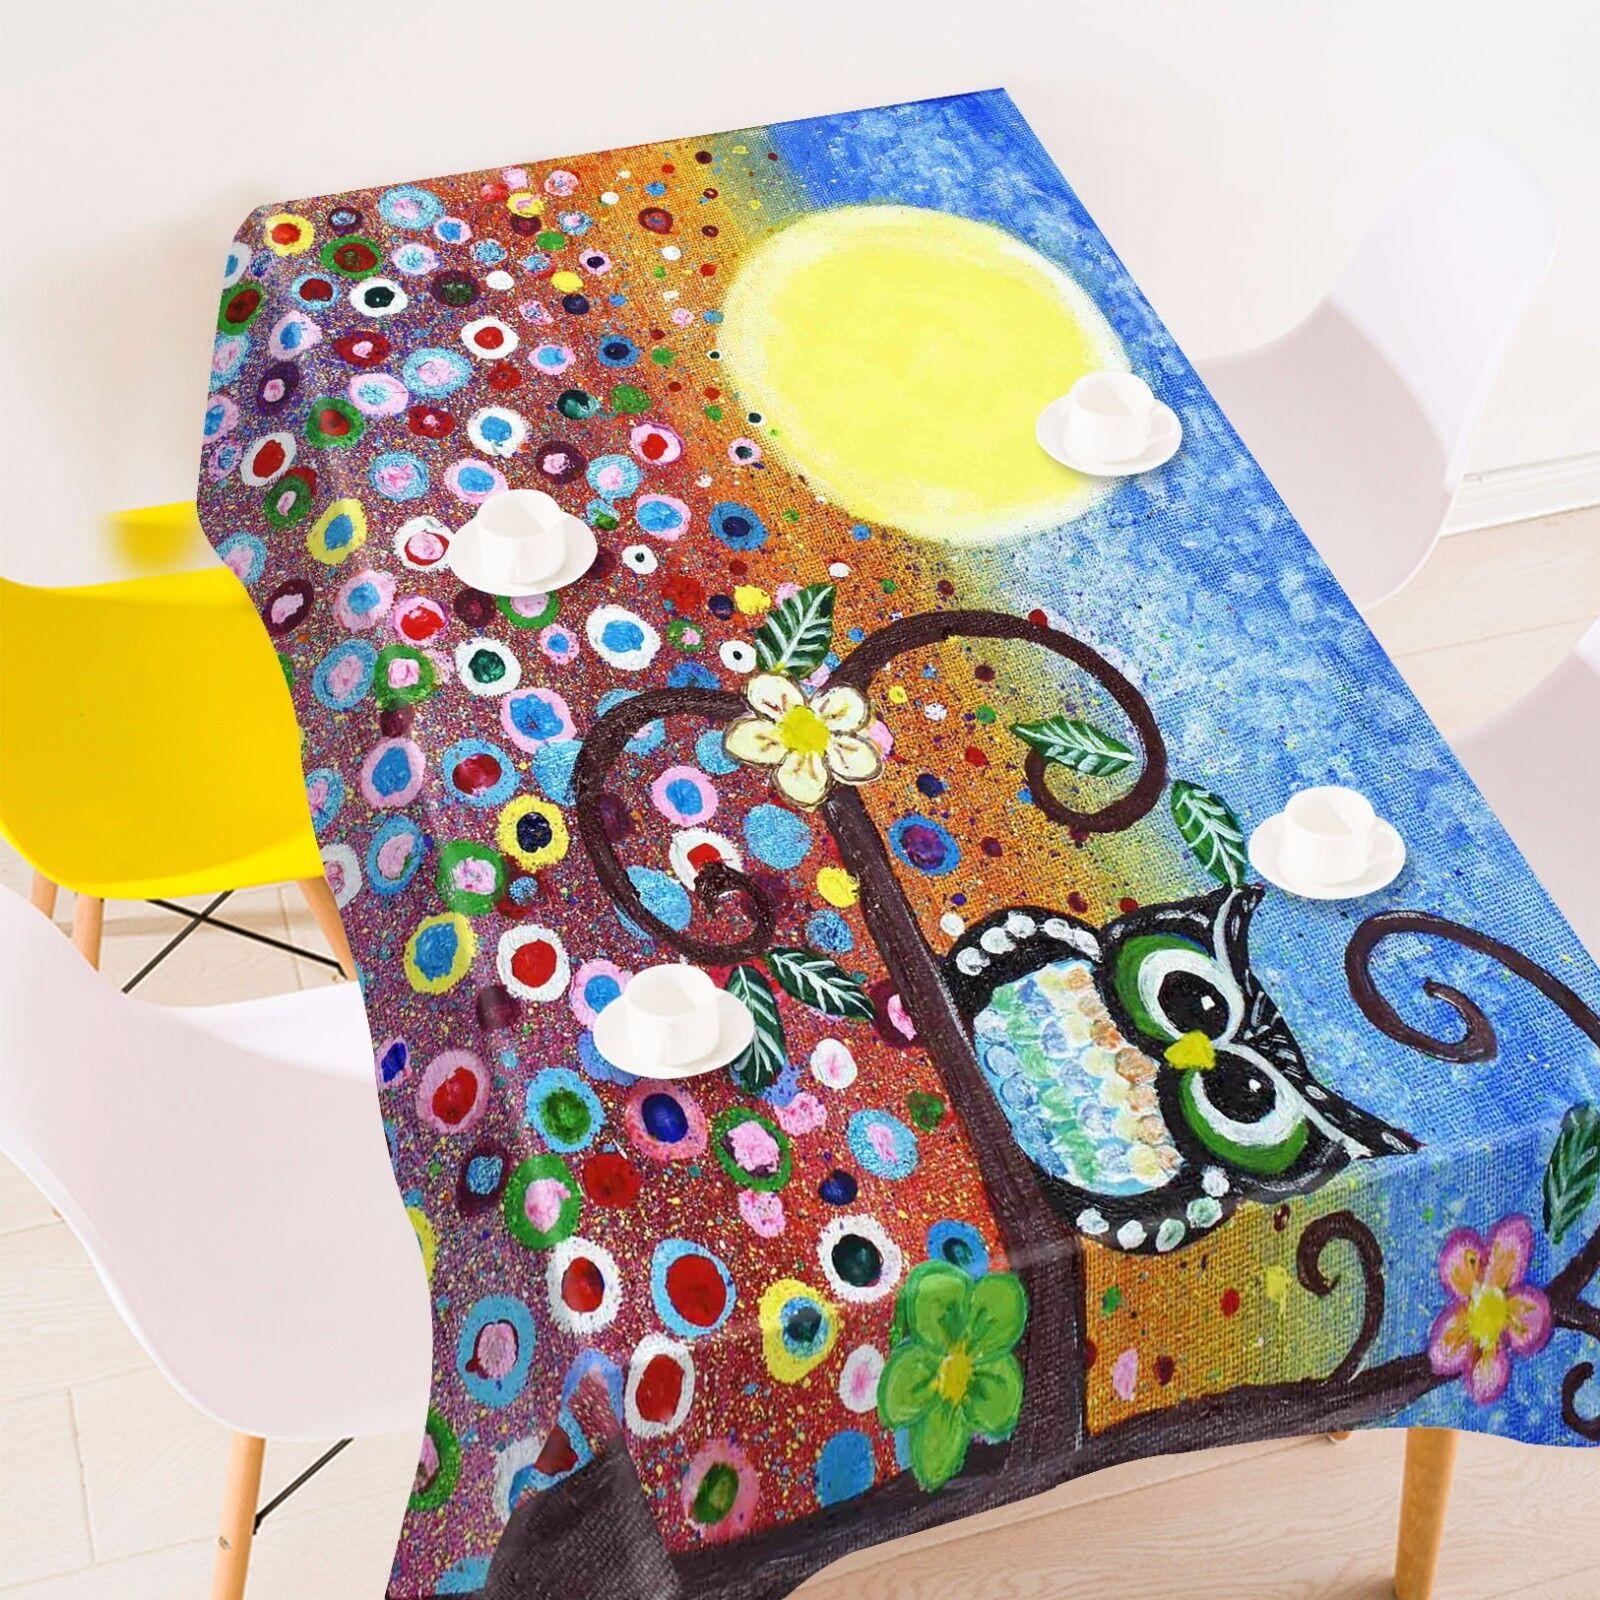 3D Cartoon Hibou Nappe Table Cover Cloth fête d'anniversaire AJ papier peint Royaume-Uni Citron